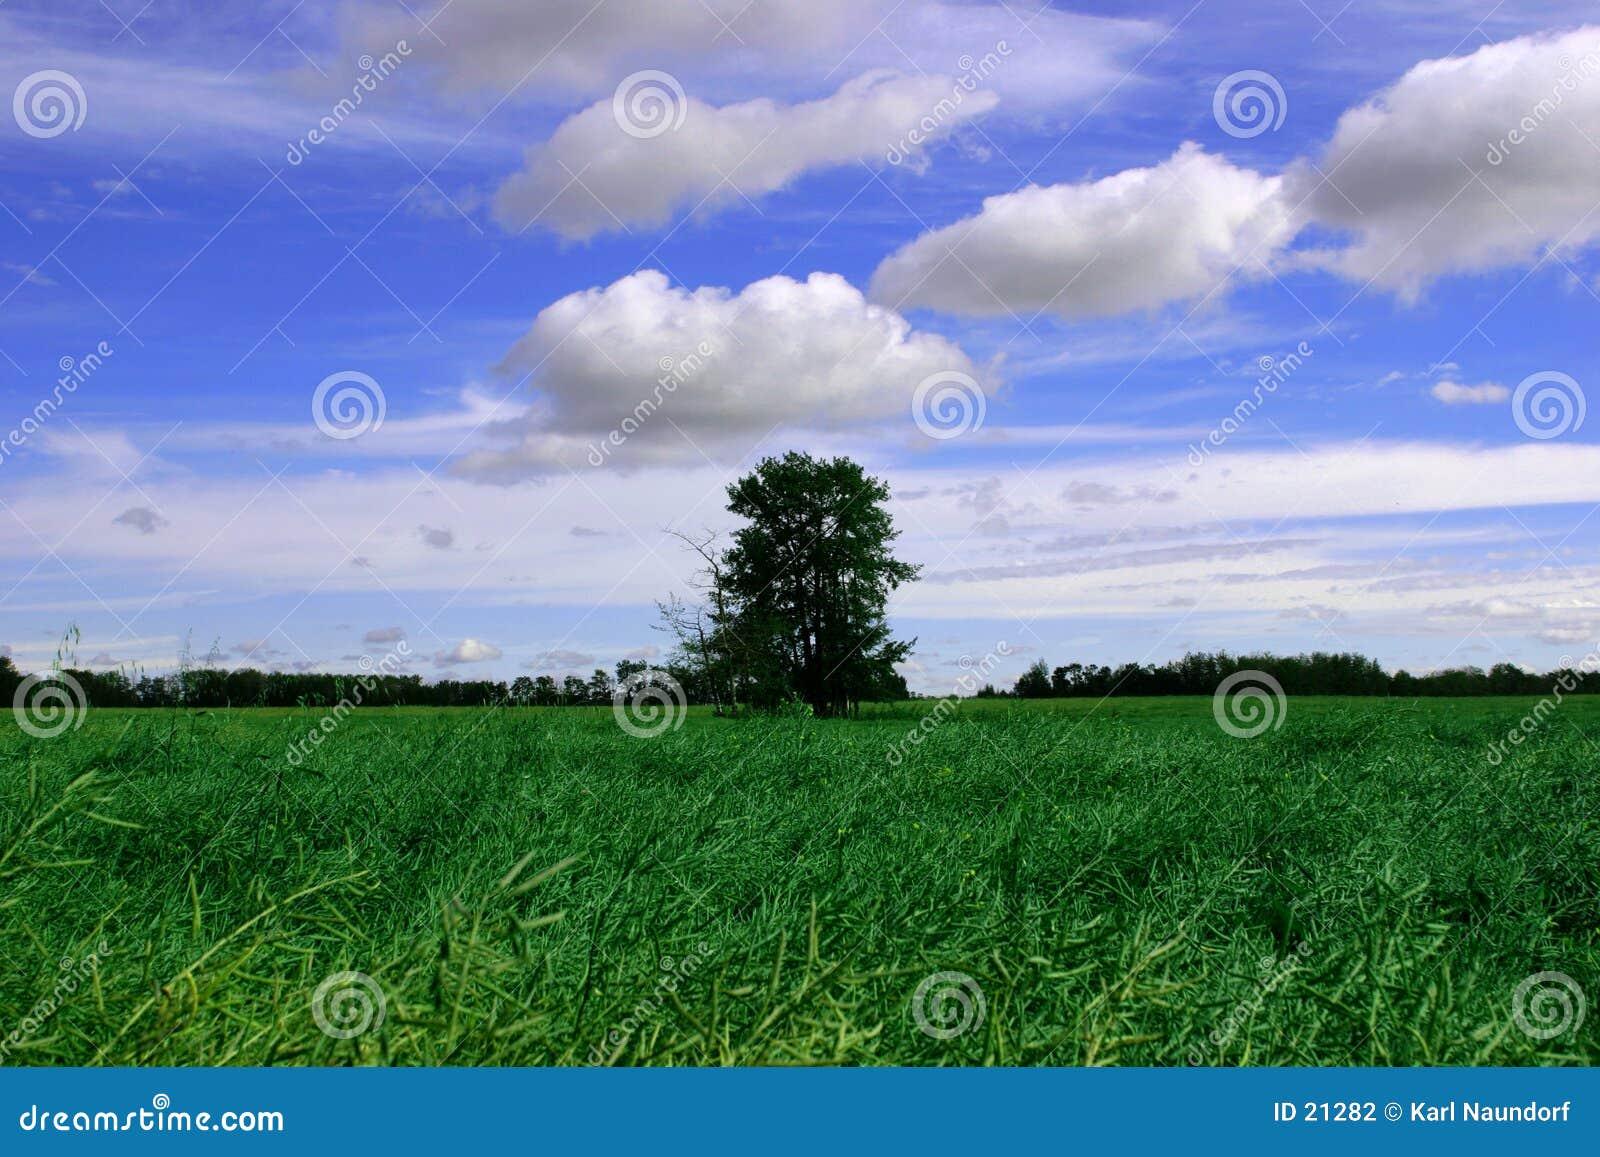 Cieux bleus, zone verte et arbre